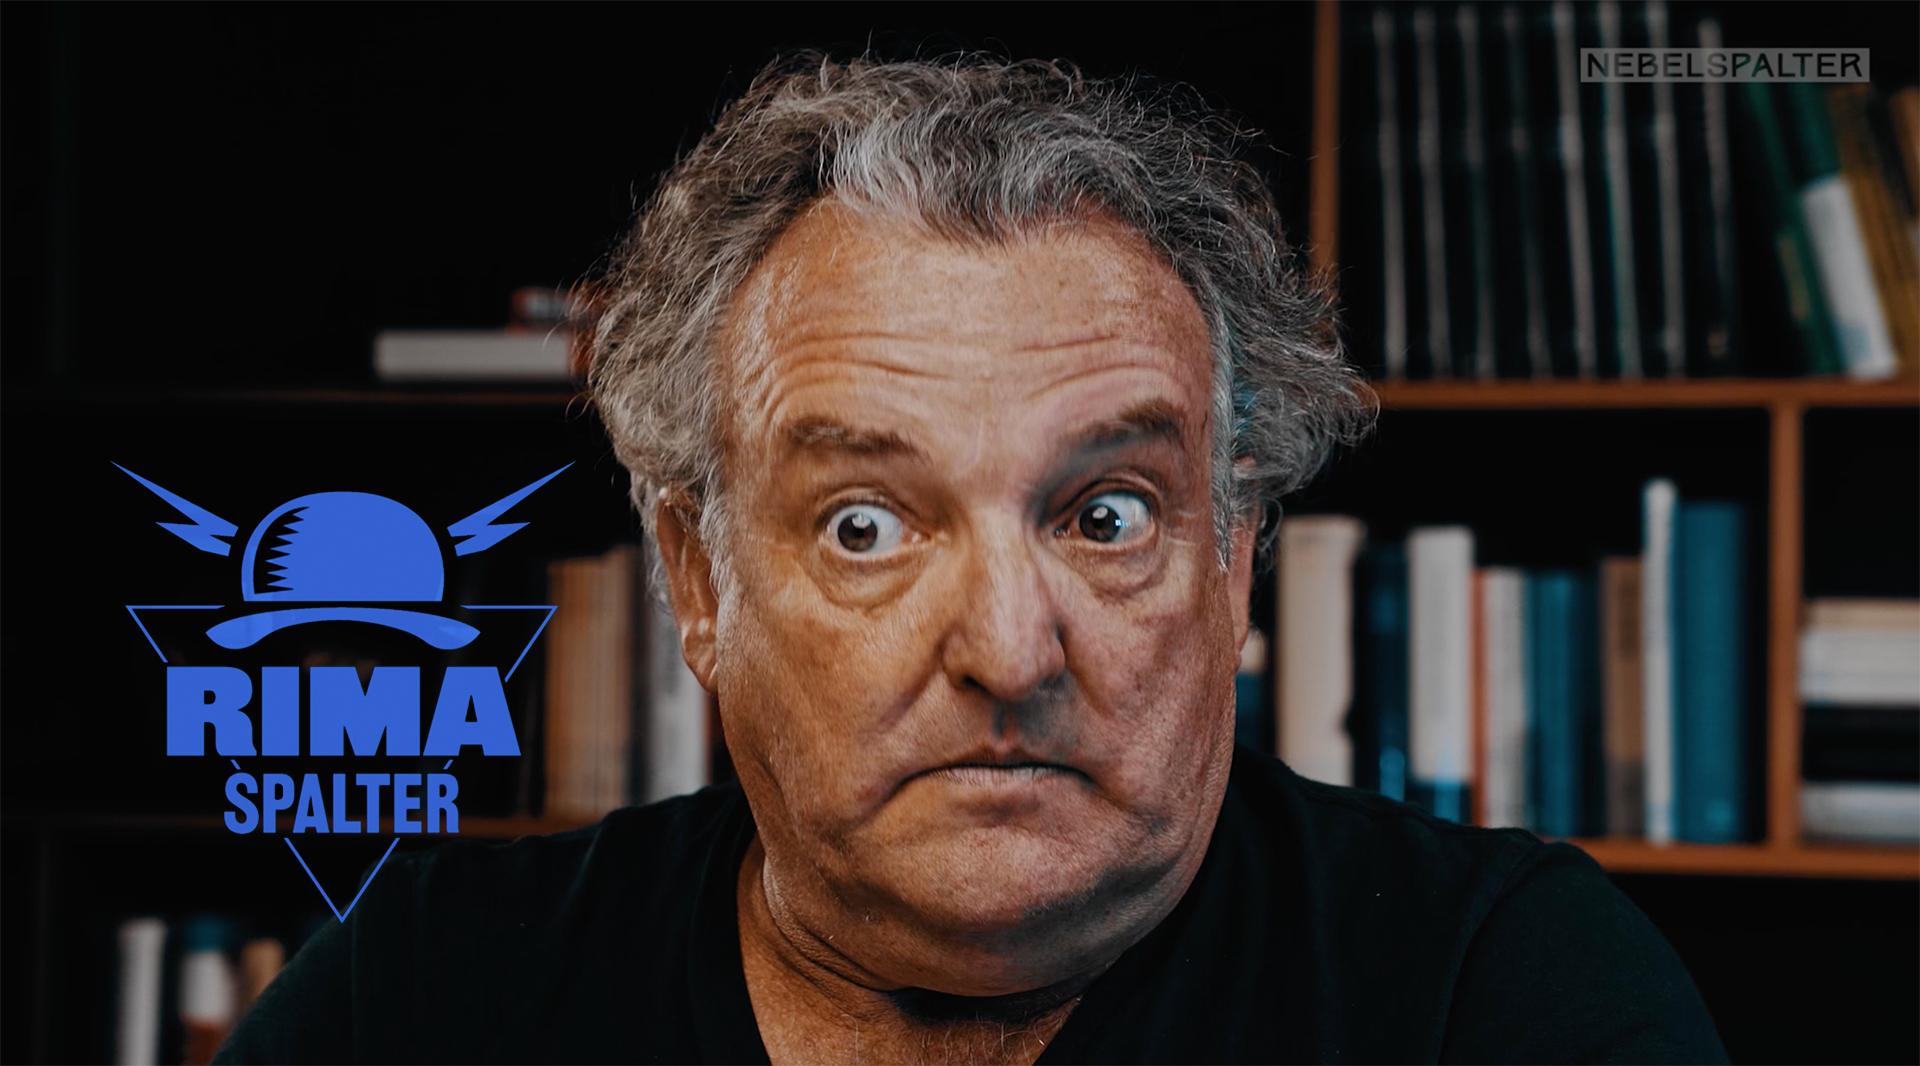 Rima-Spalter mit Marco Rima: Wie Trappatoni die Pandemie bekämpfen würde